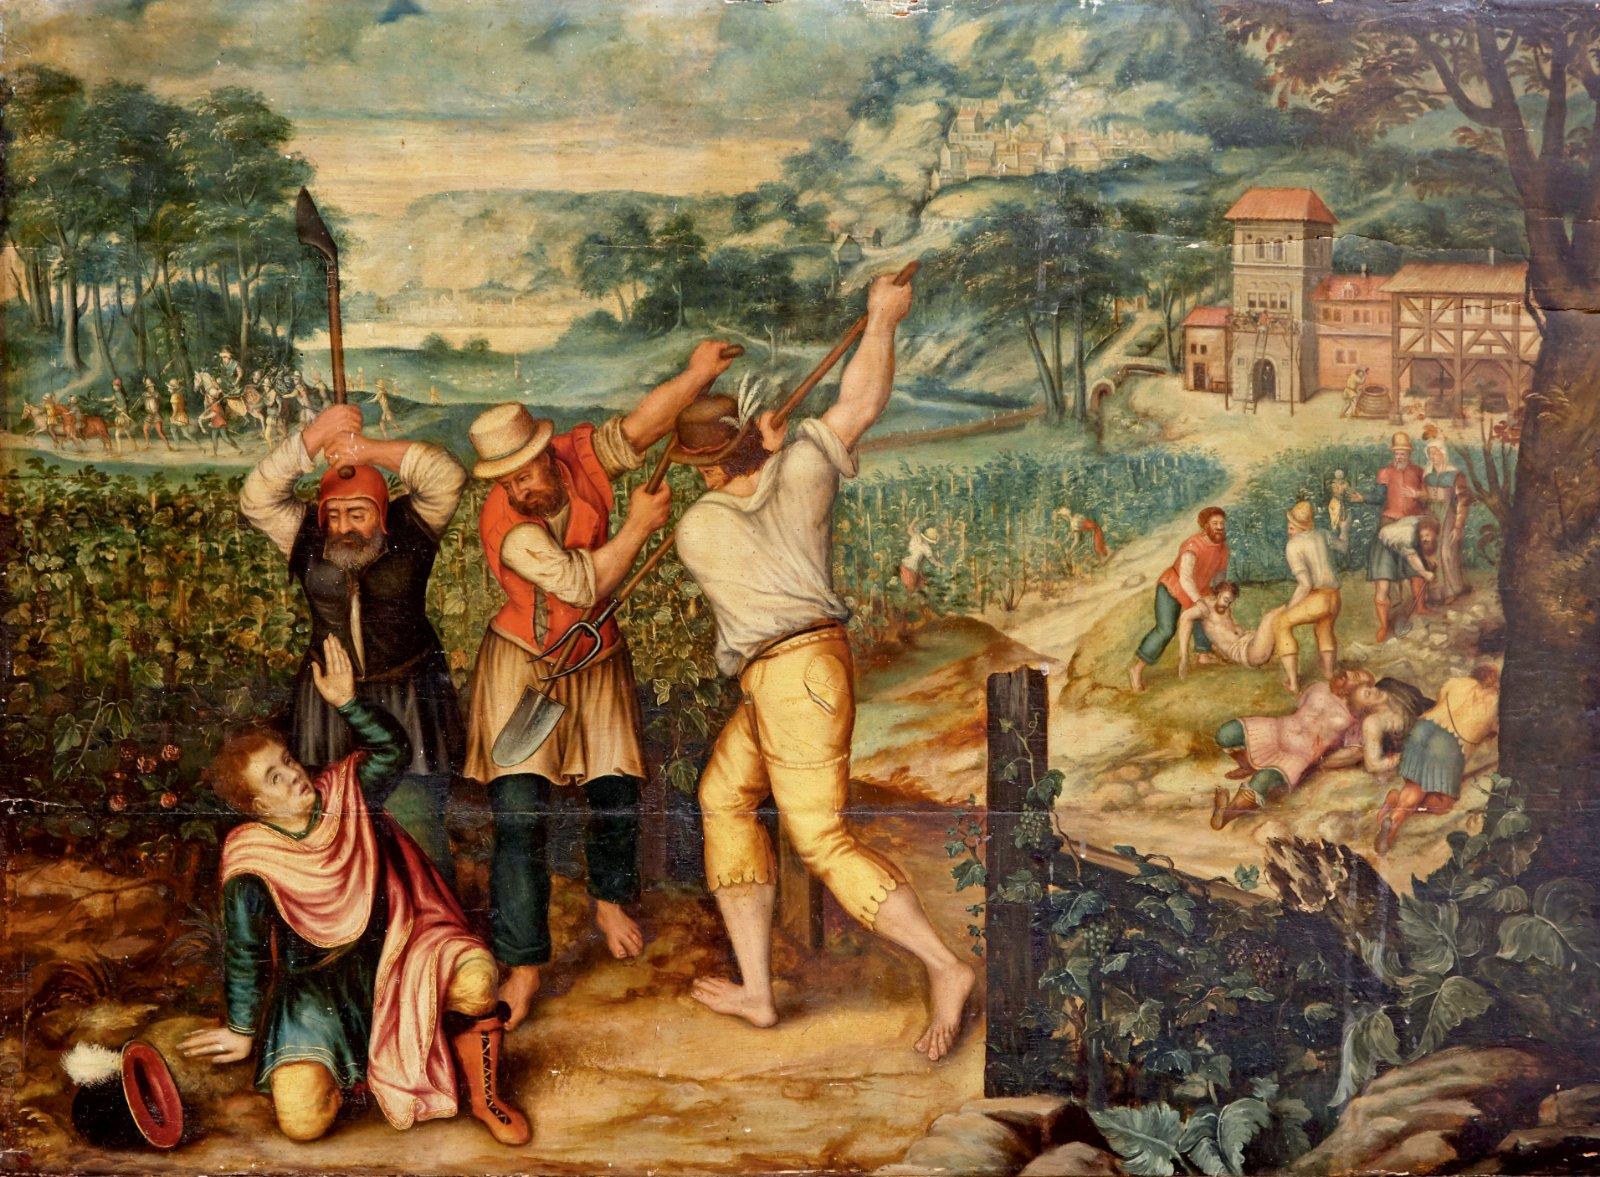 XXVII Domenica del Tempo Ordinario. Lo cacciarono fuori dalla vigna